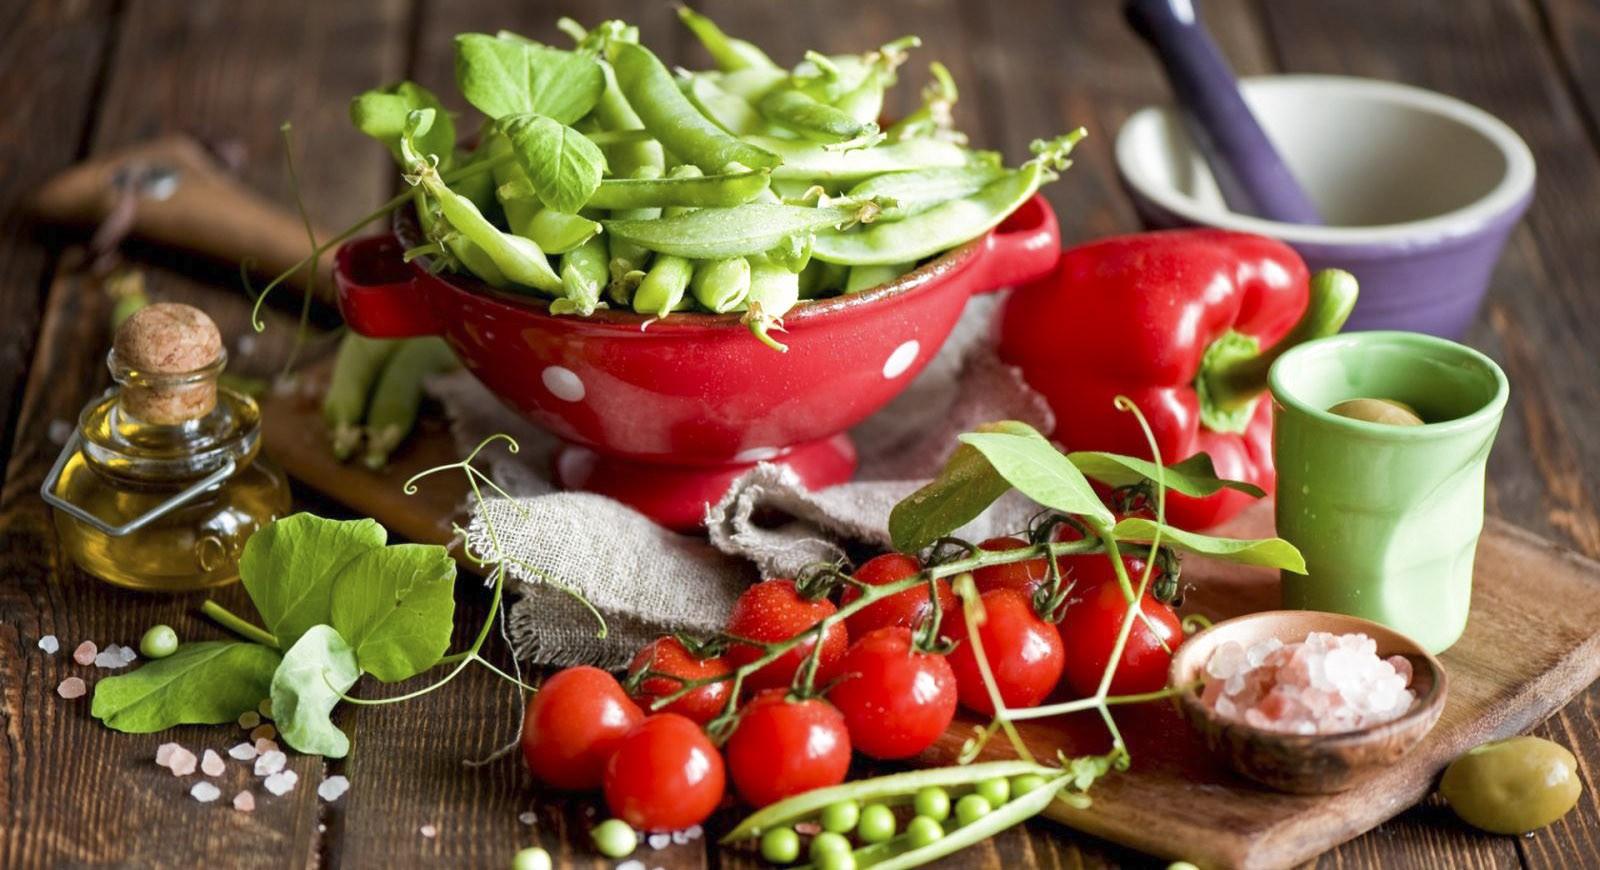 Người gầy hay béo cũng cần biết những thói quen giúp tăng cường trao đổi chất sau - Ảnh 5.